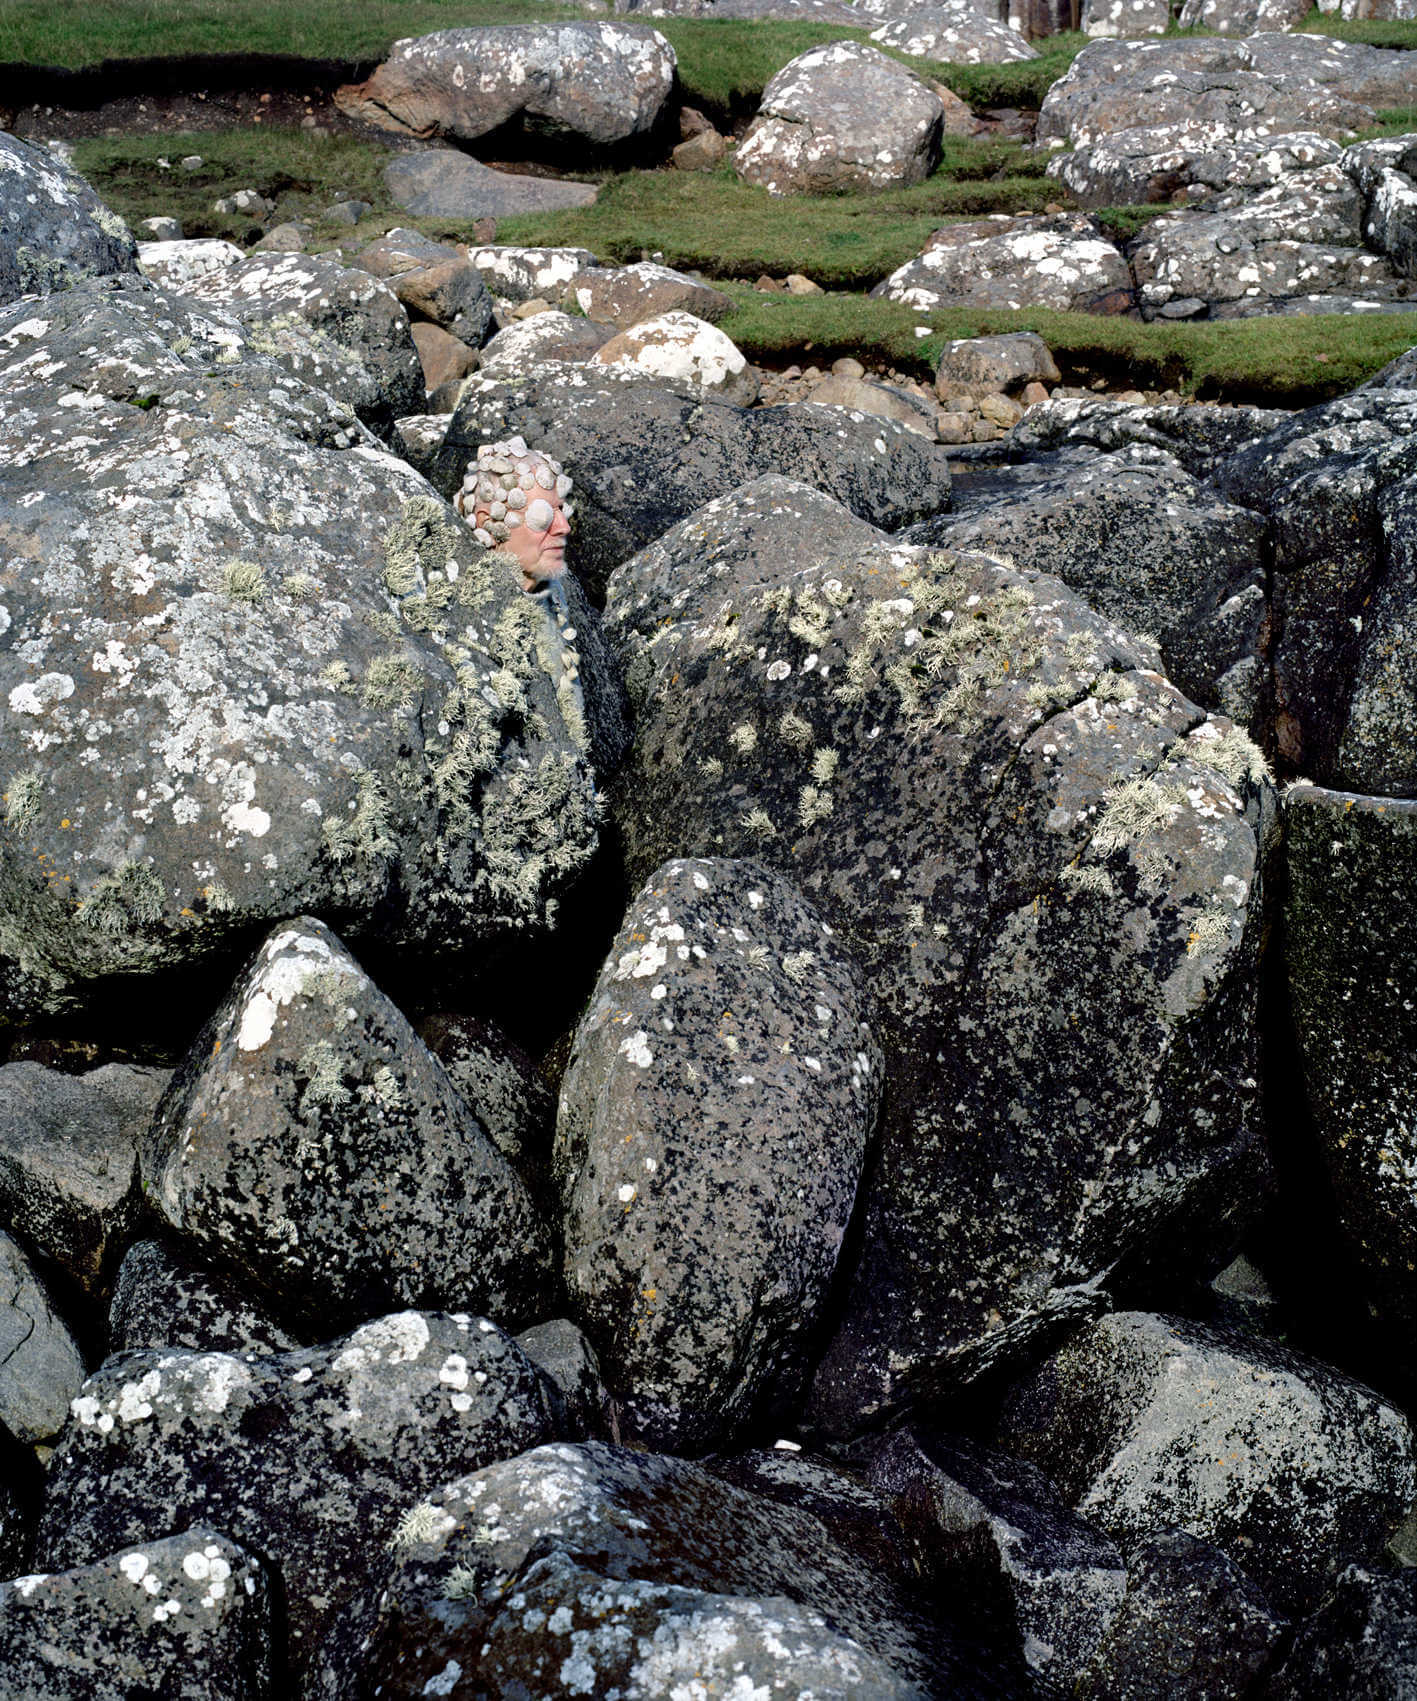 escultura humana del duo Hjorth e Ikonen hombre entre unas rocas